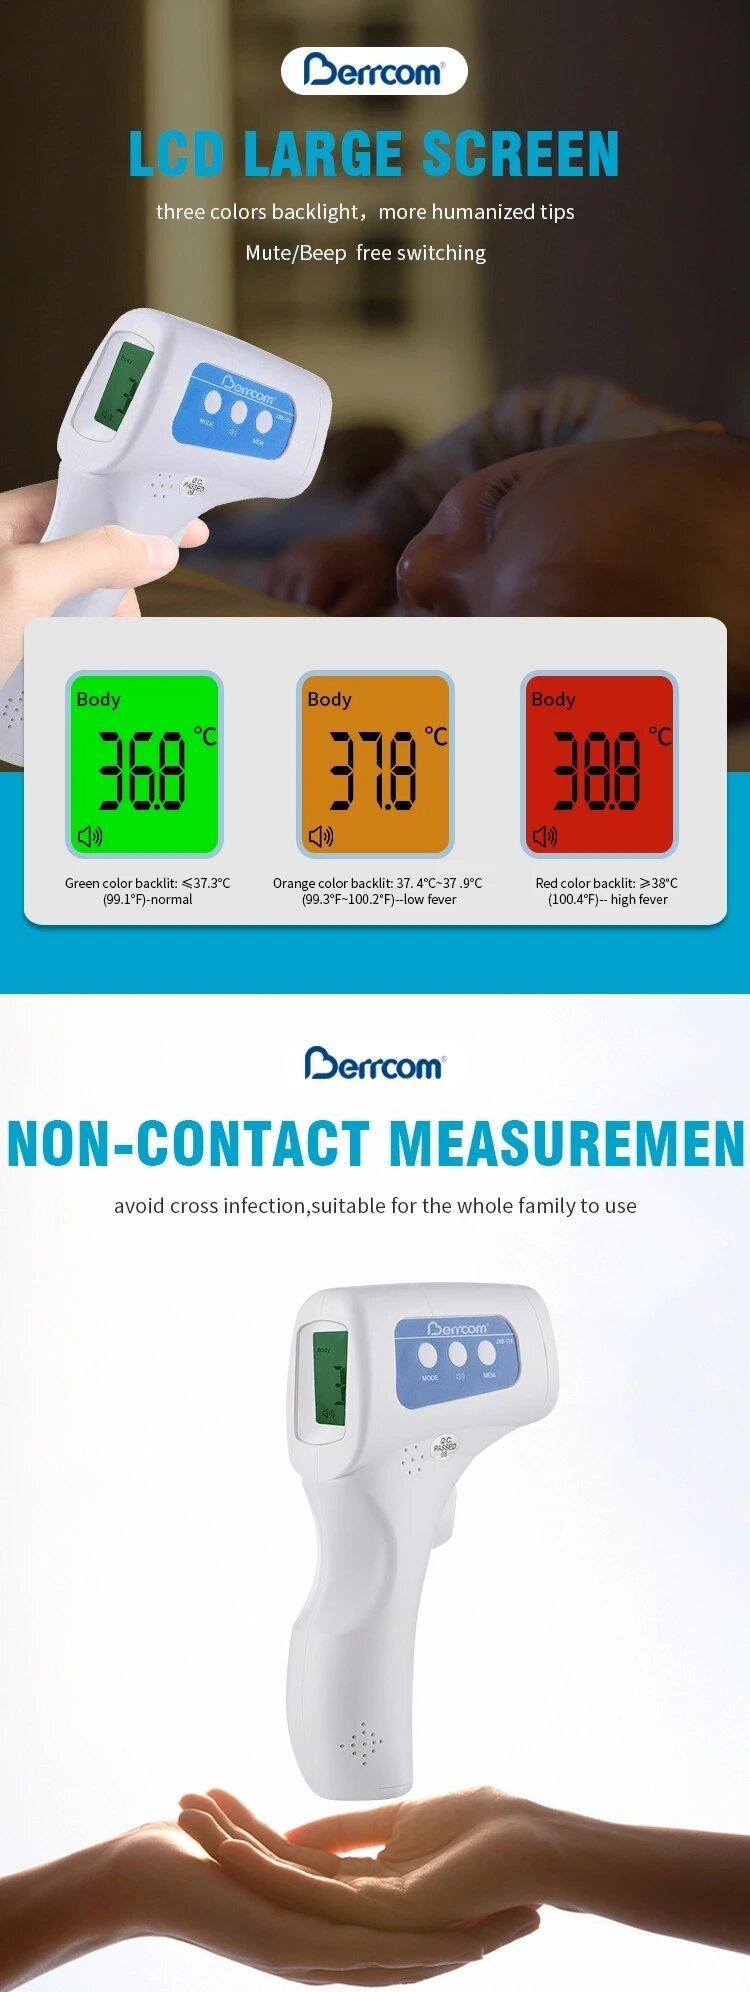 Berrcom Jxb 178 Termometros Infrarrojos Sin Contacto Uso Corporal Etdisa Lectura fácil y cómoda en su pantalla lcd. berrcom jxb 178 termometros infrarrojos sin contacto uso corporal